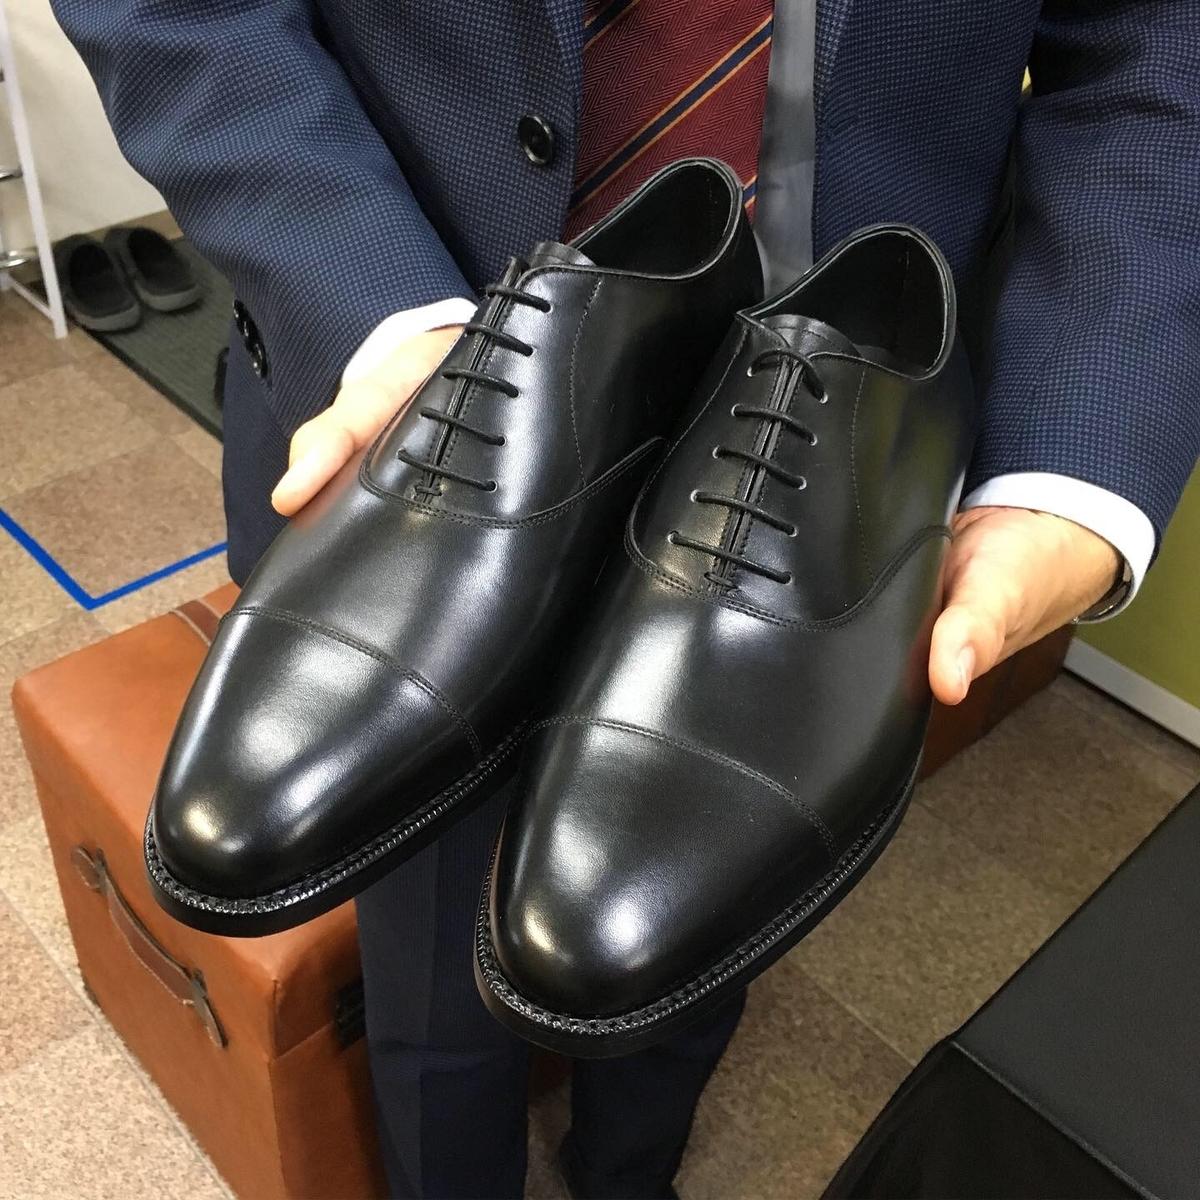 f:id:raymar-shoes:20190716221719j:plain